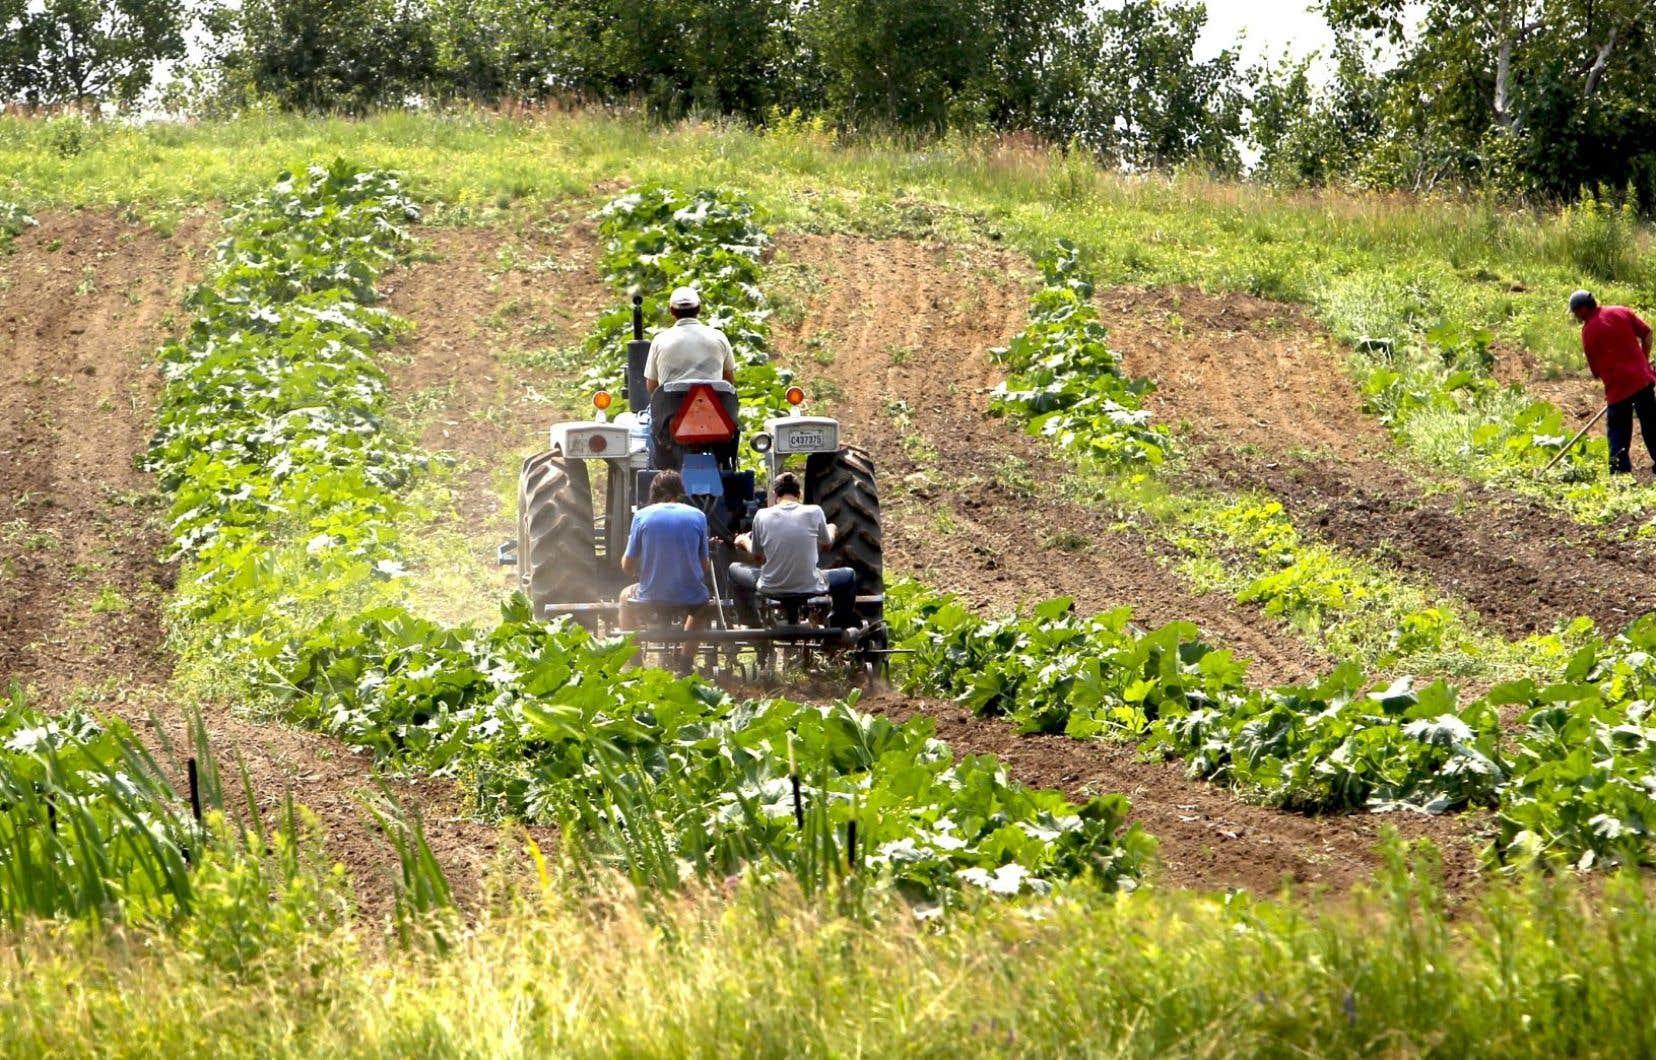 La finance a pris le contrôle de l'agriculture, provoquant la disparition lente des fermes familiales.